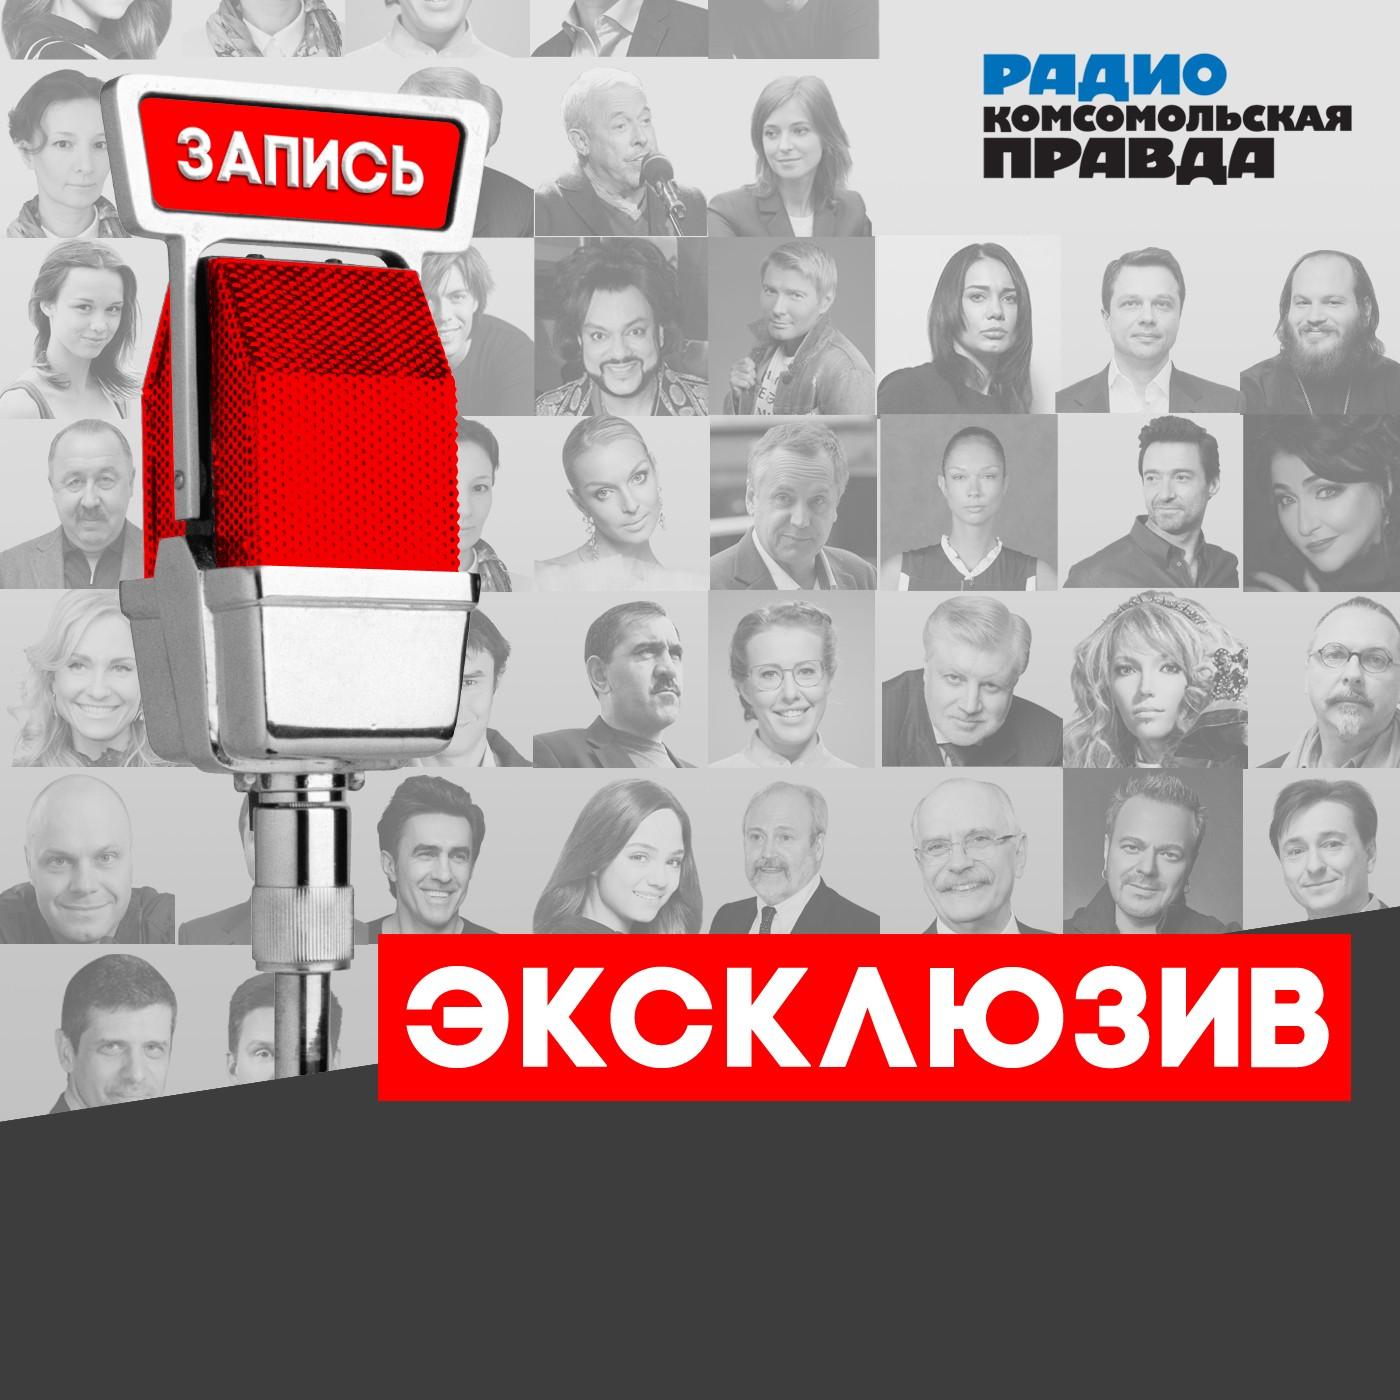 Радио «Комсомольская правда» Александр Запесоцкий: Диссернет совсем обалдел. Поставил мне в вину мой доклад, который я прочитал на философском конгрессе